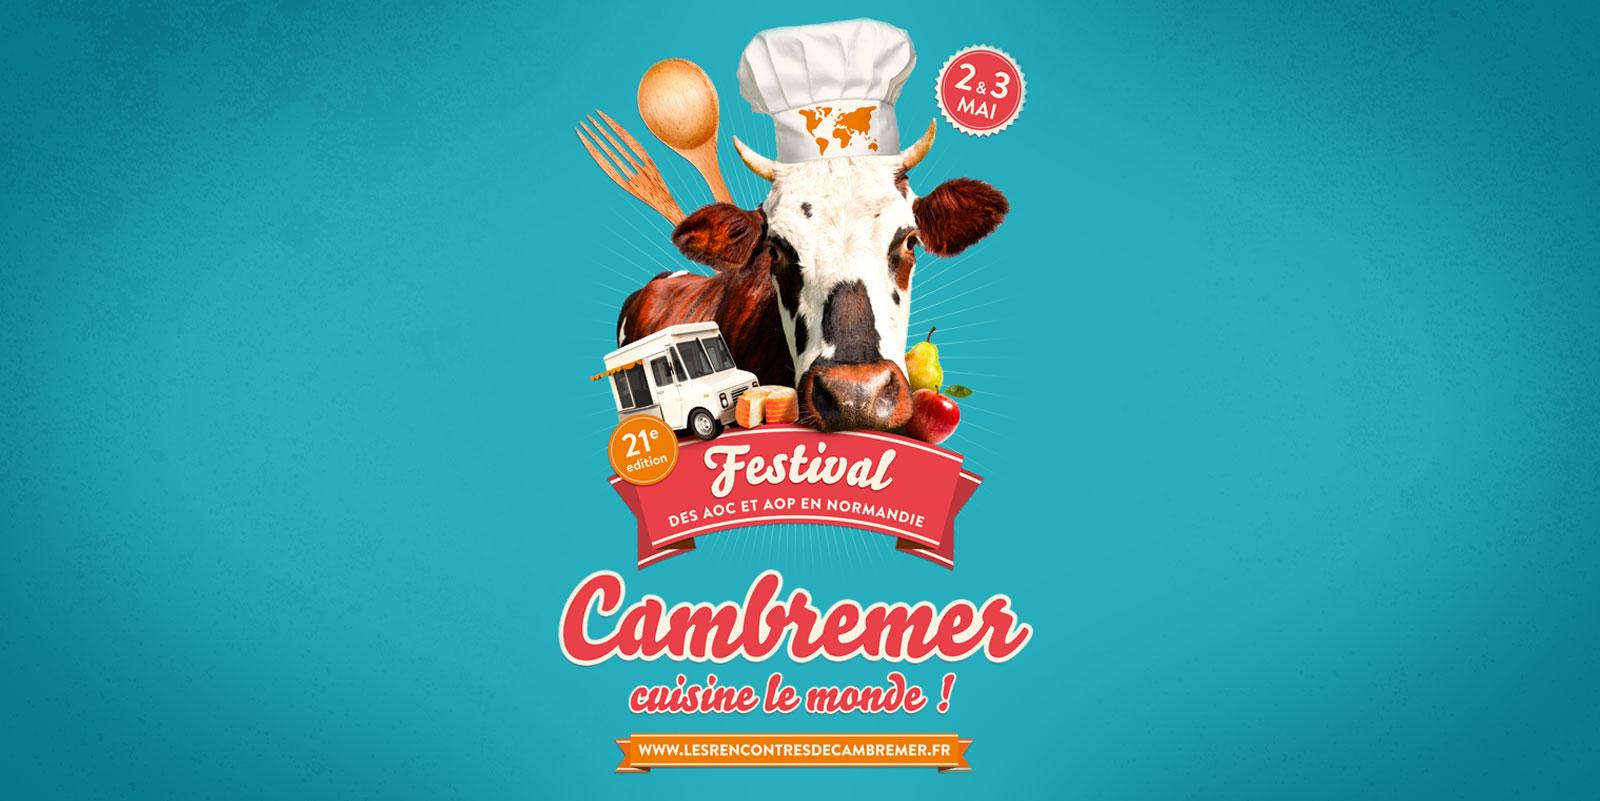 Festival des appellations d'origine : Les Rencontres de Cambremer 2015